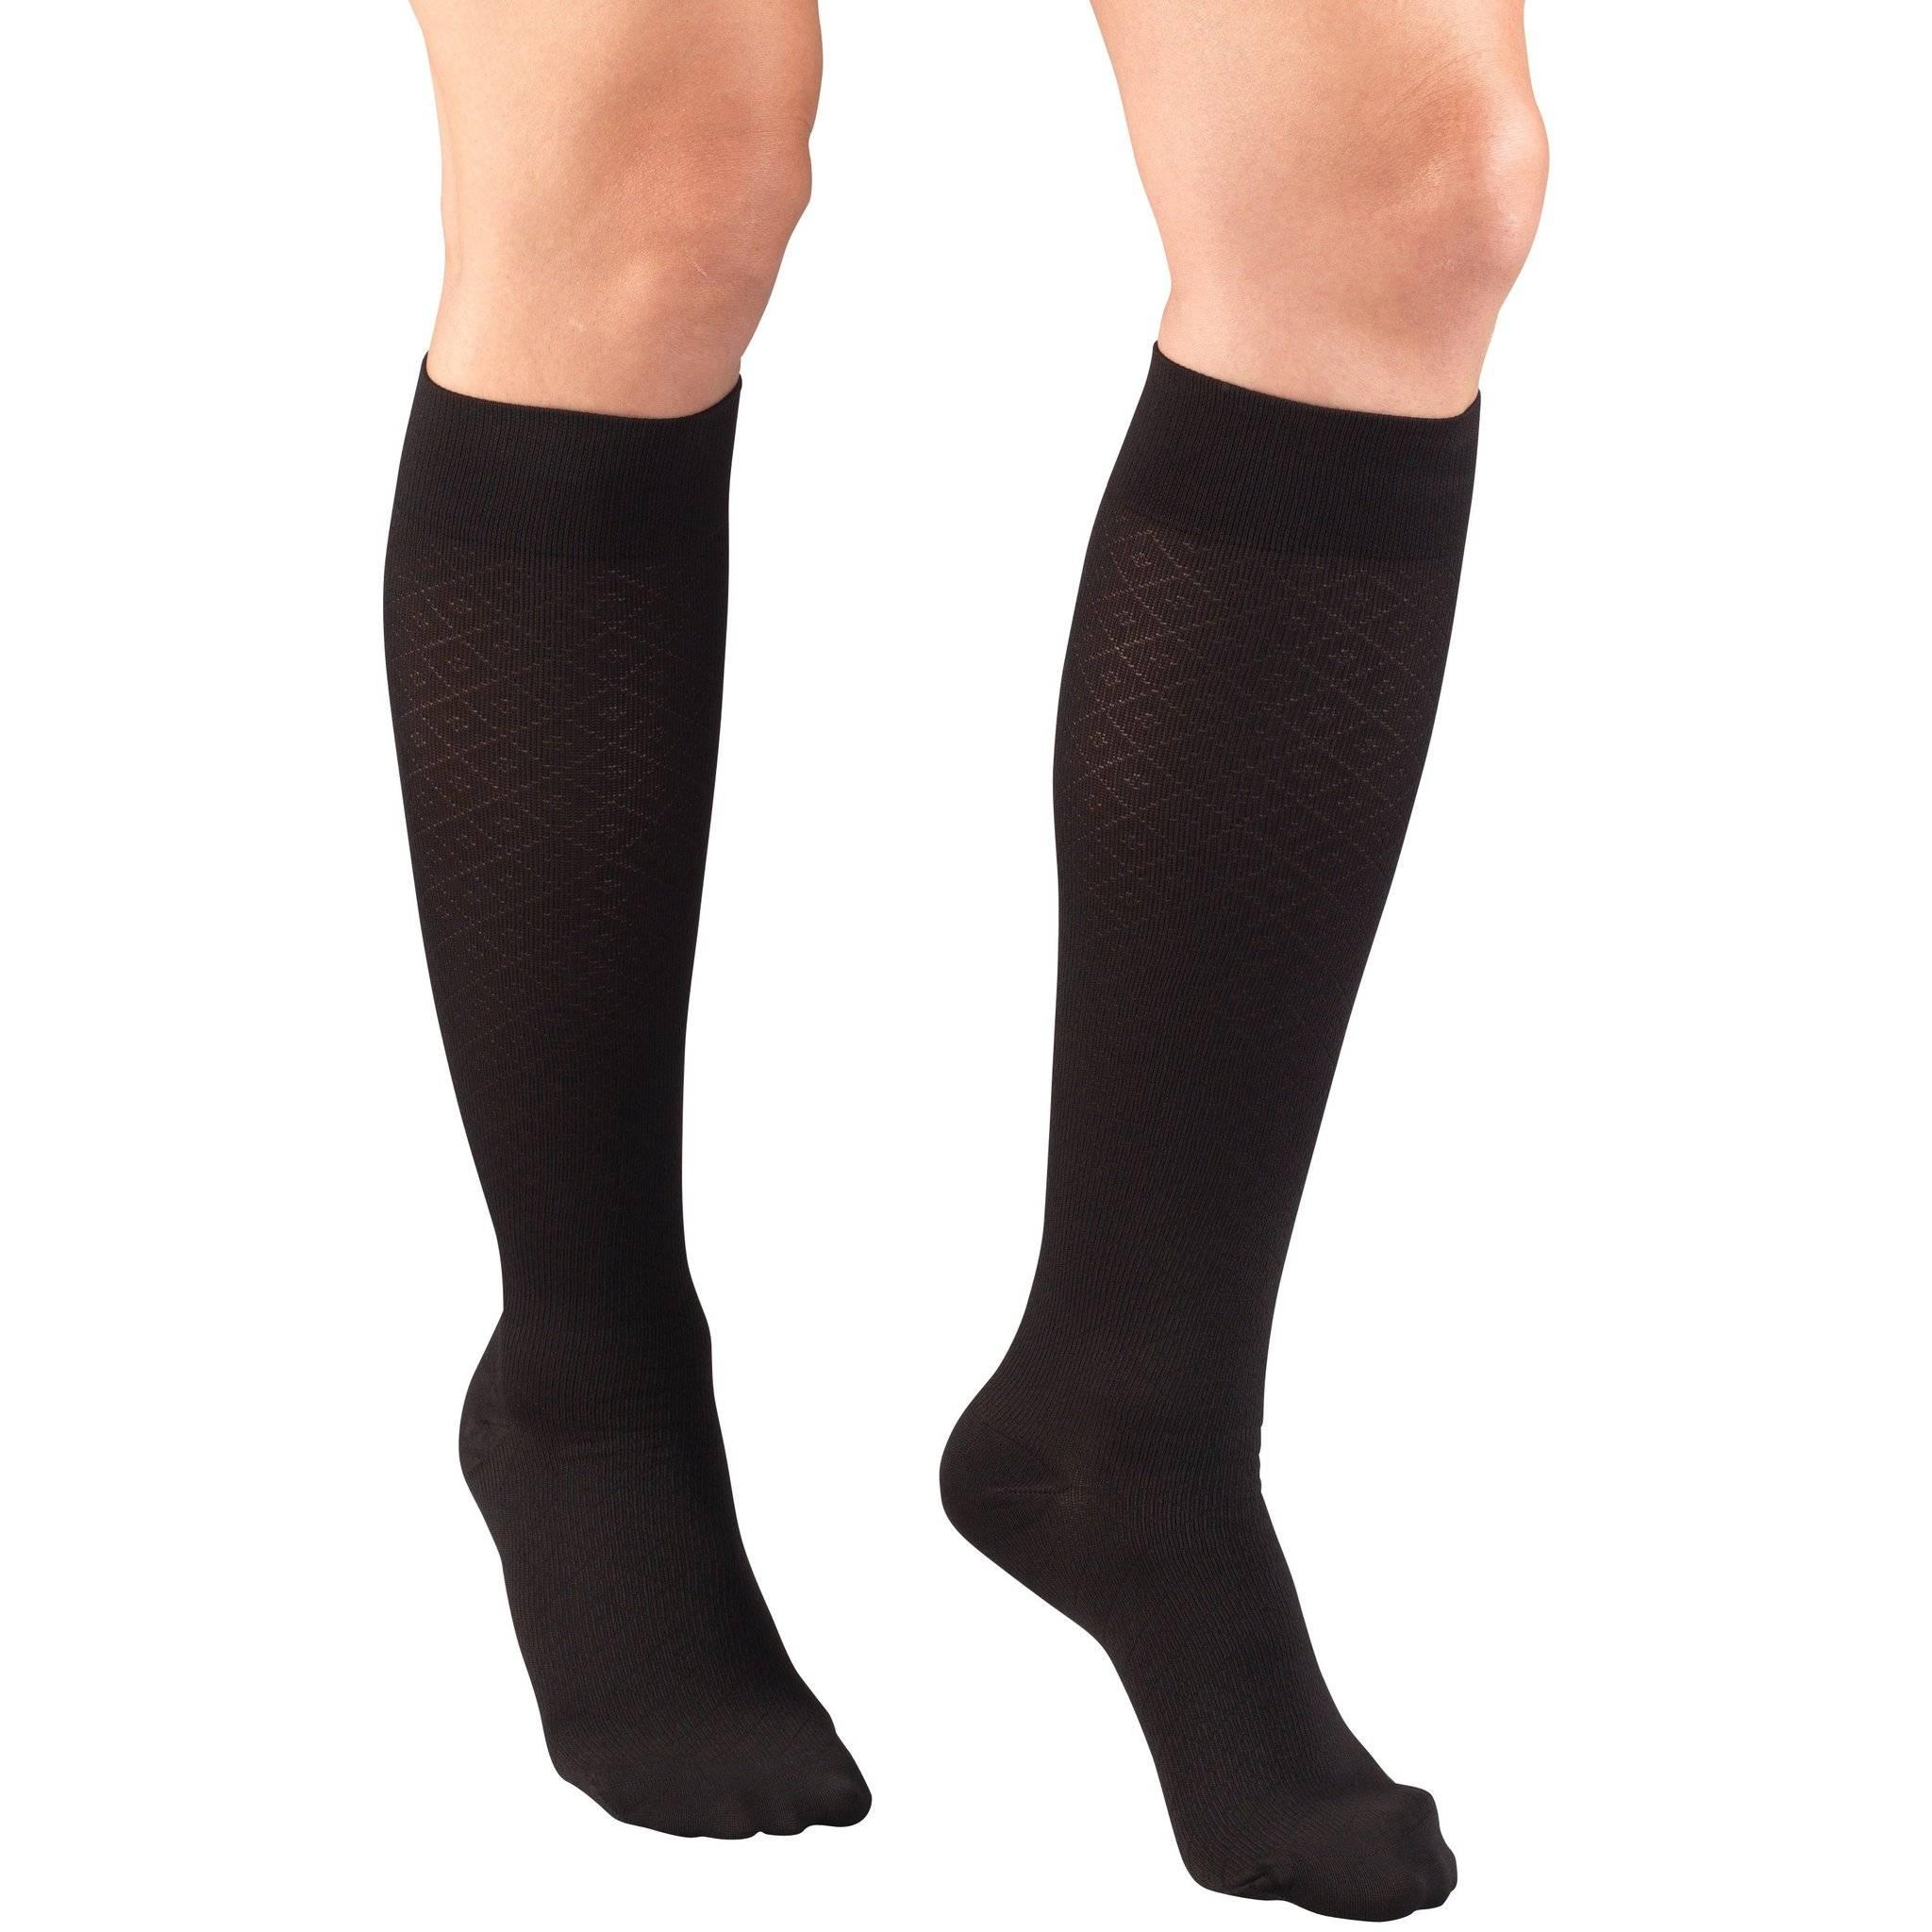 Ladies' Knee High Diamond Pattern Socks